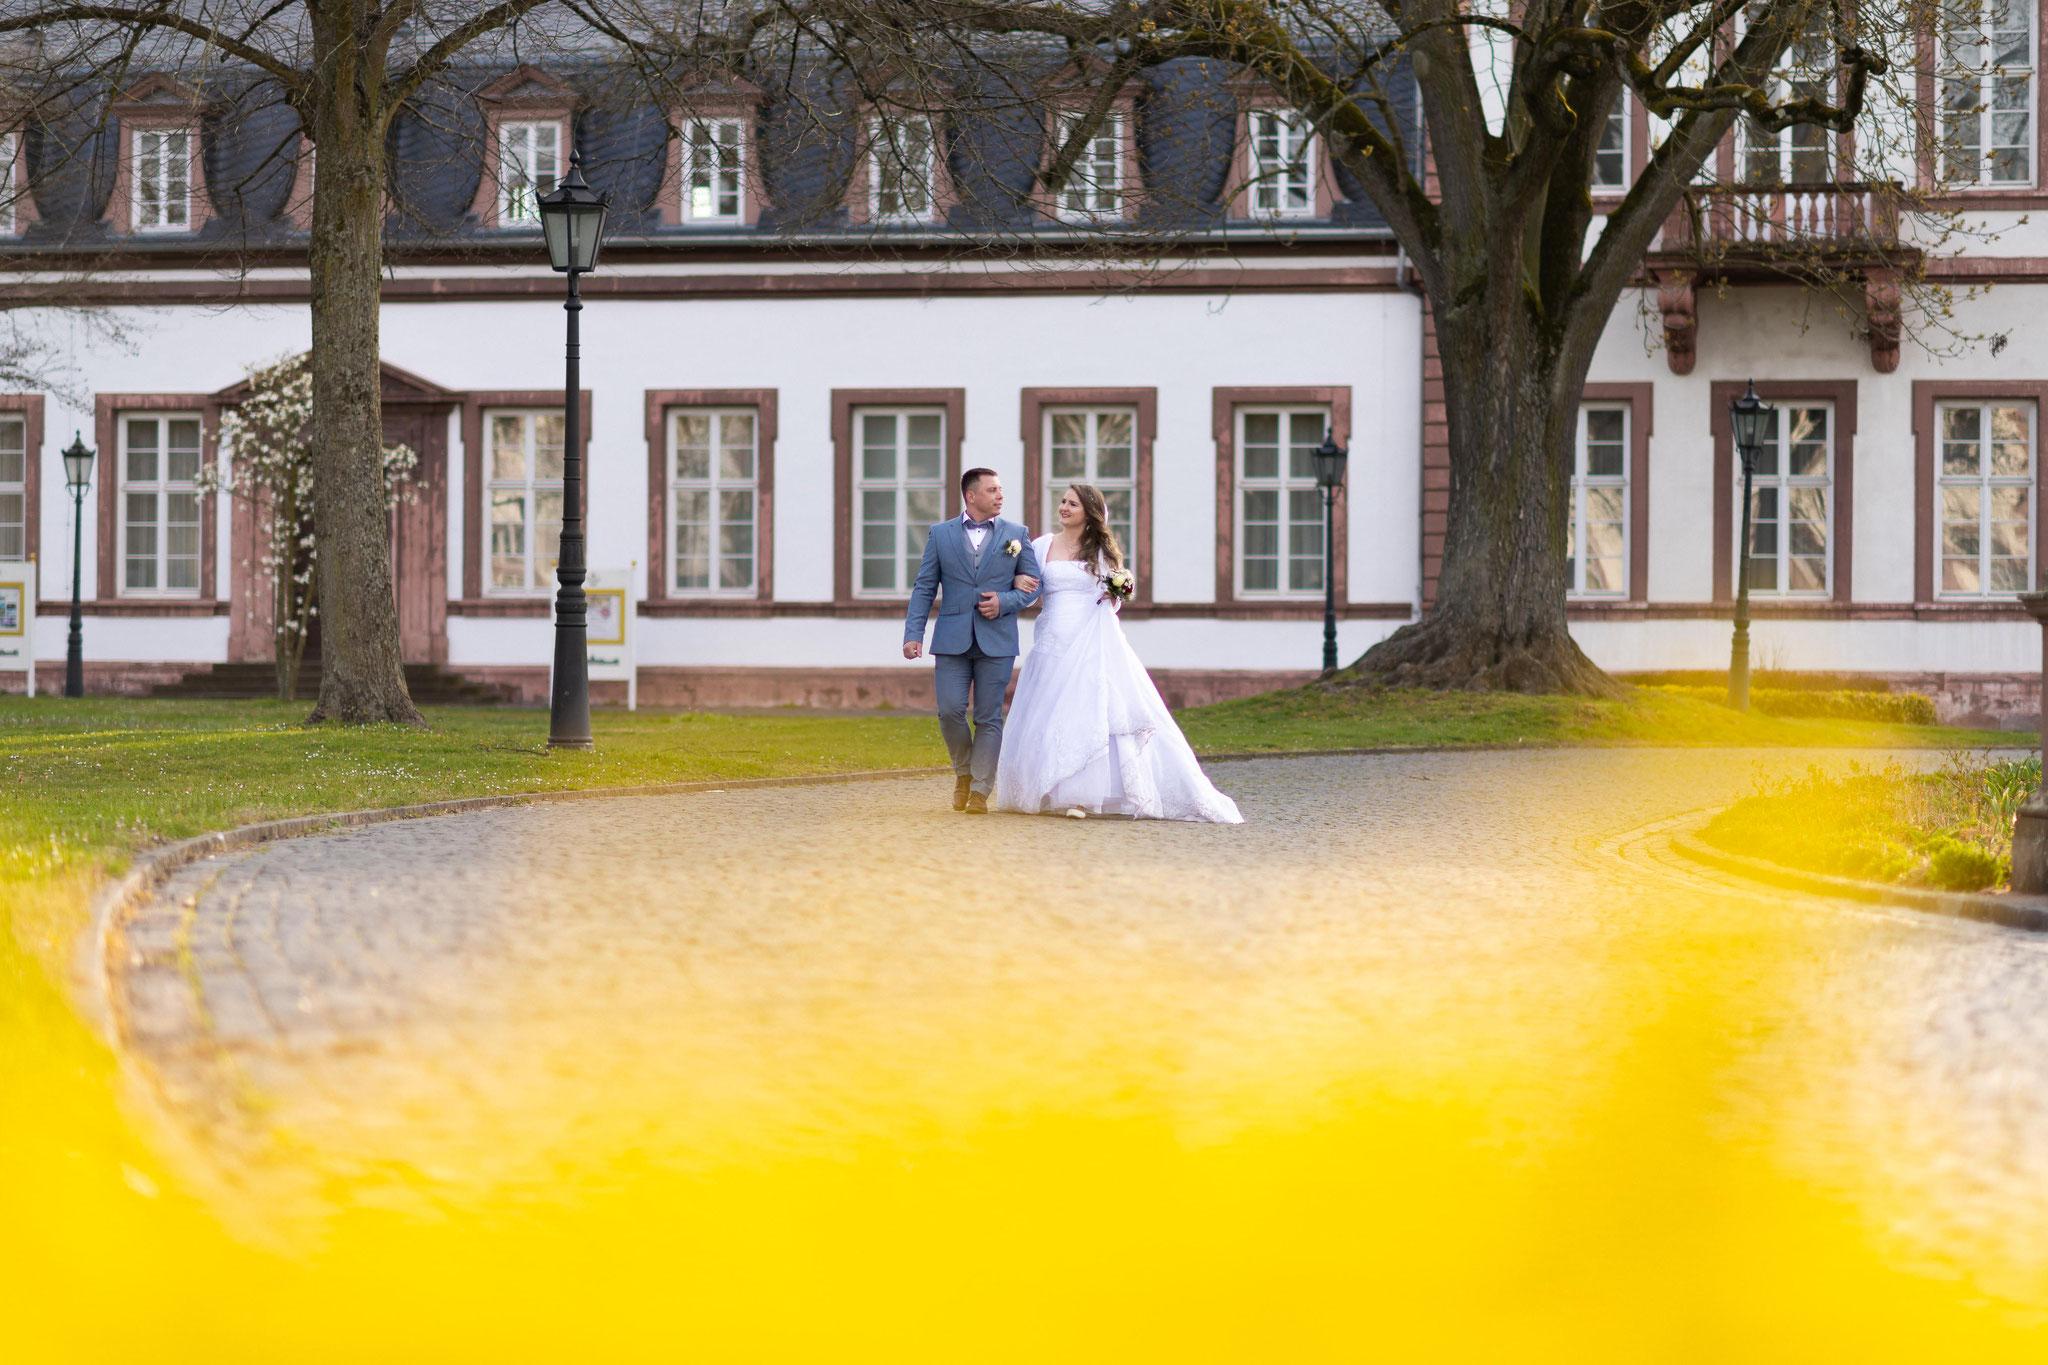 Fotograf für meine standesamtliche Hochzeit und anschließendem Brautpaarshooting in Hanau im Schlosspark Philippsruhe